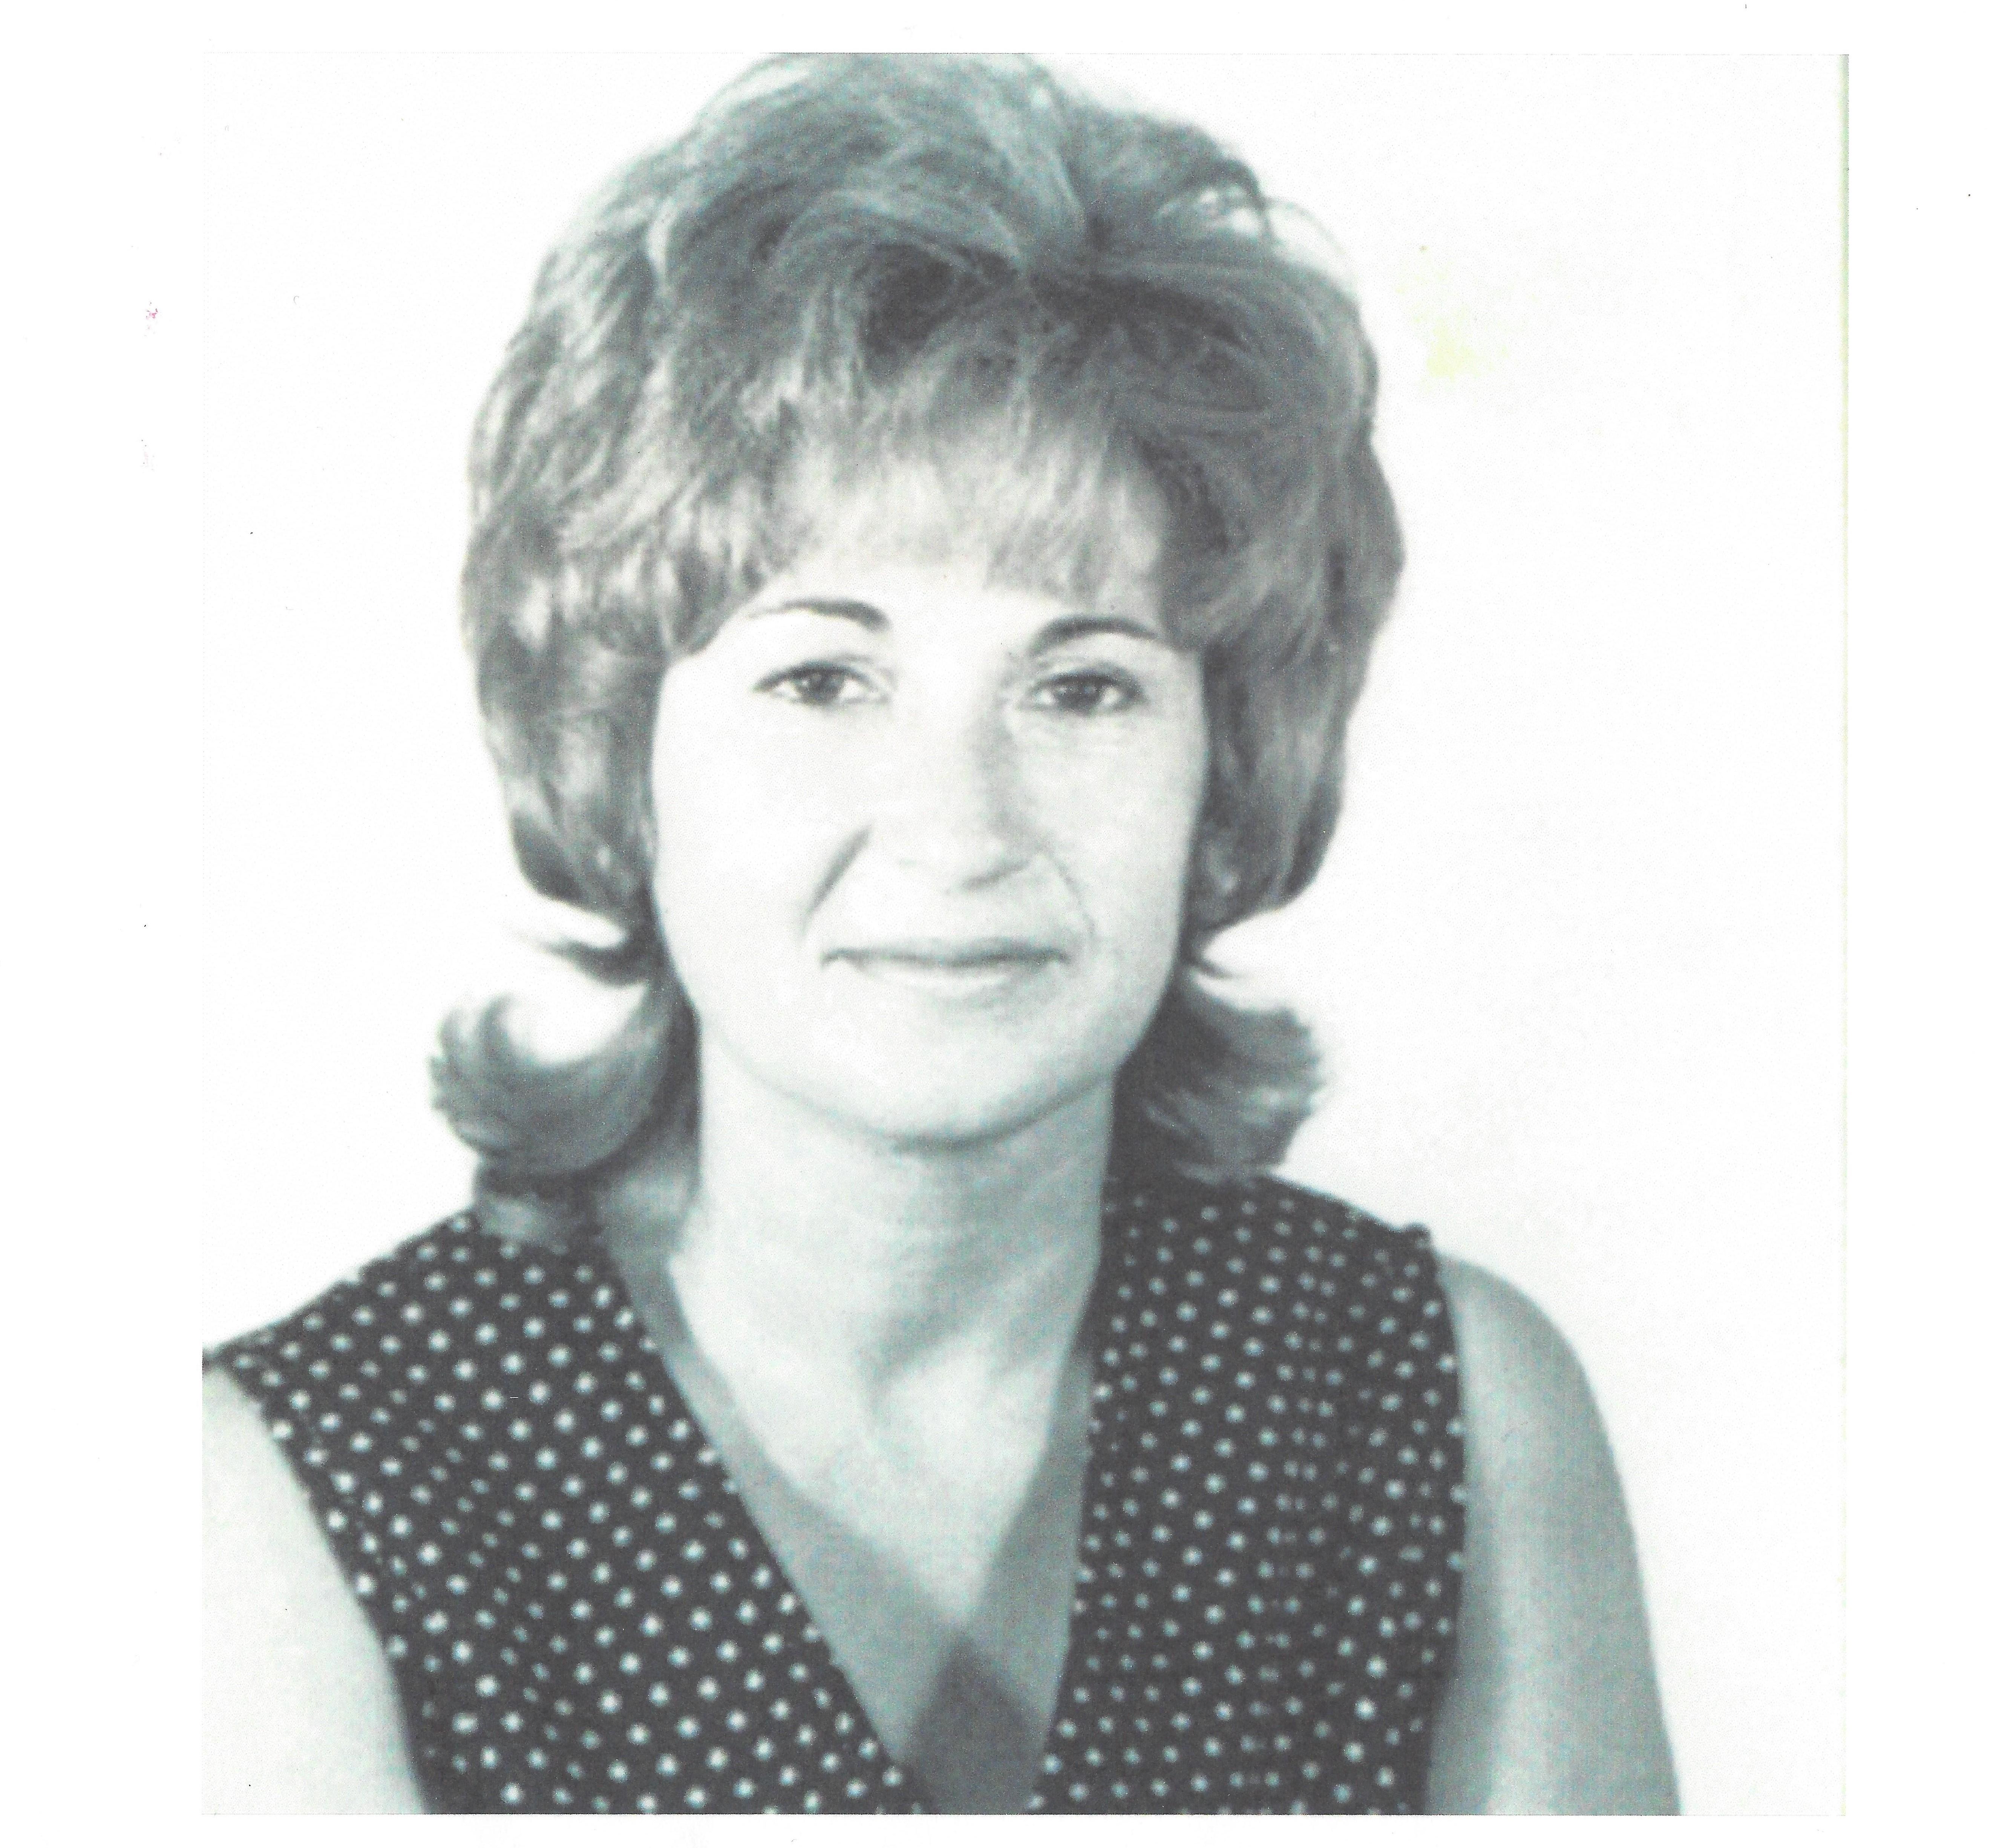 Joeline Laudenslager